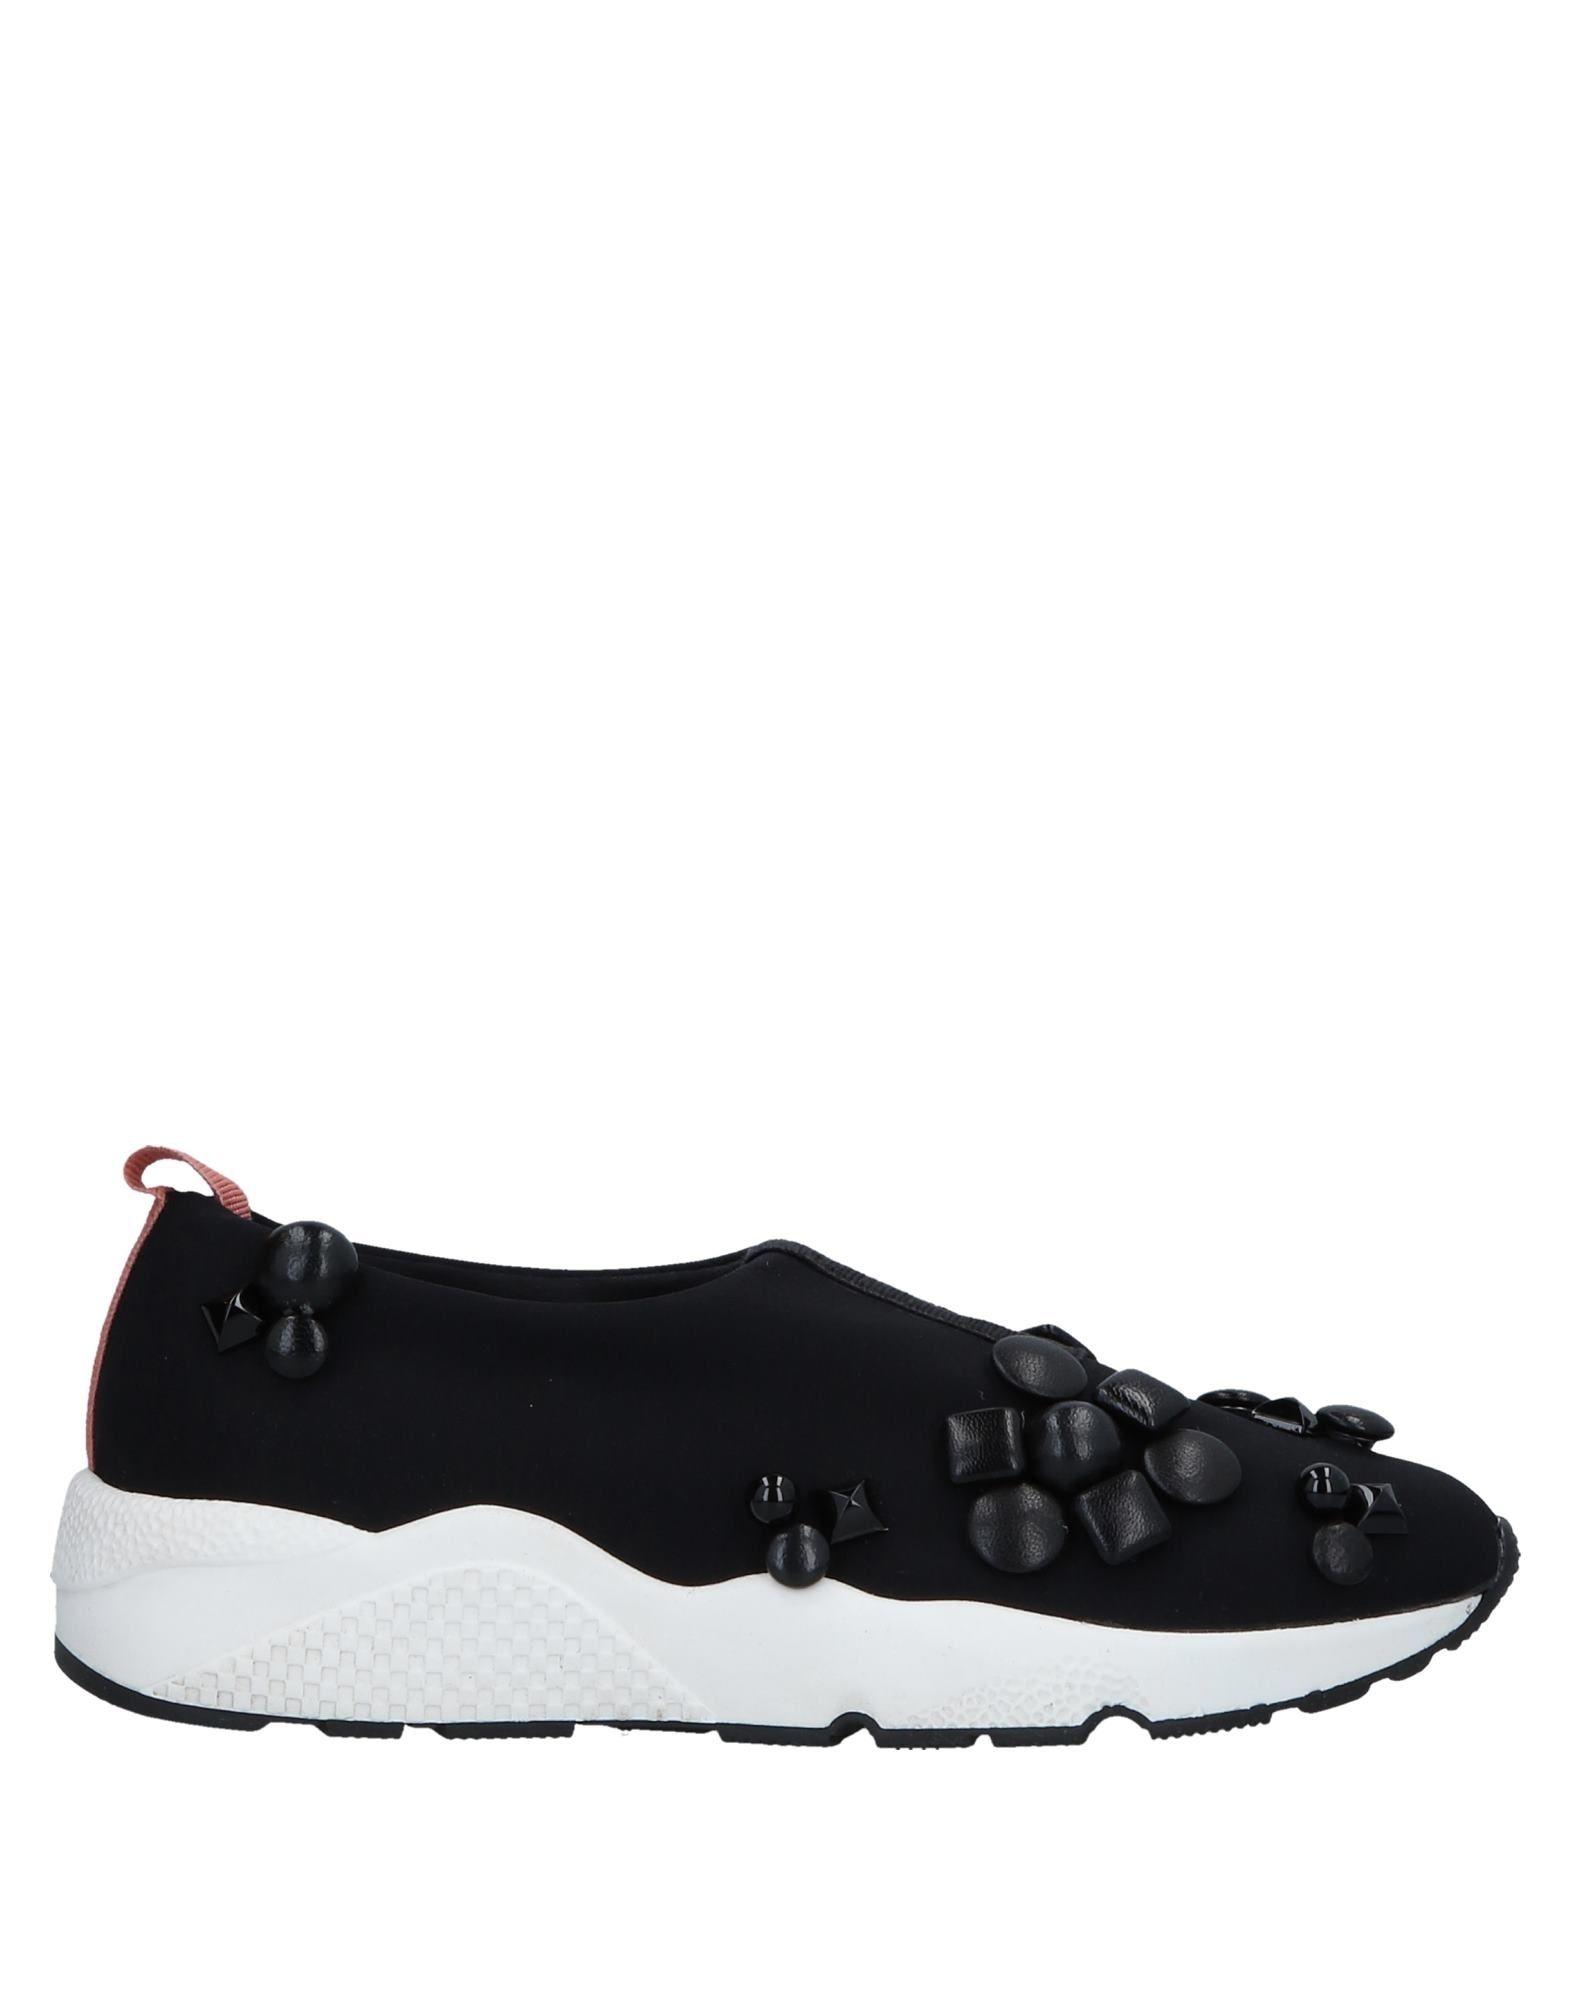 Sneakers P448 Uomo - 11456997WK Scarpe economiche e buone